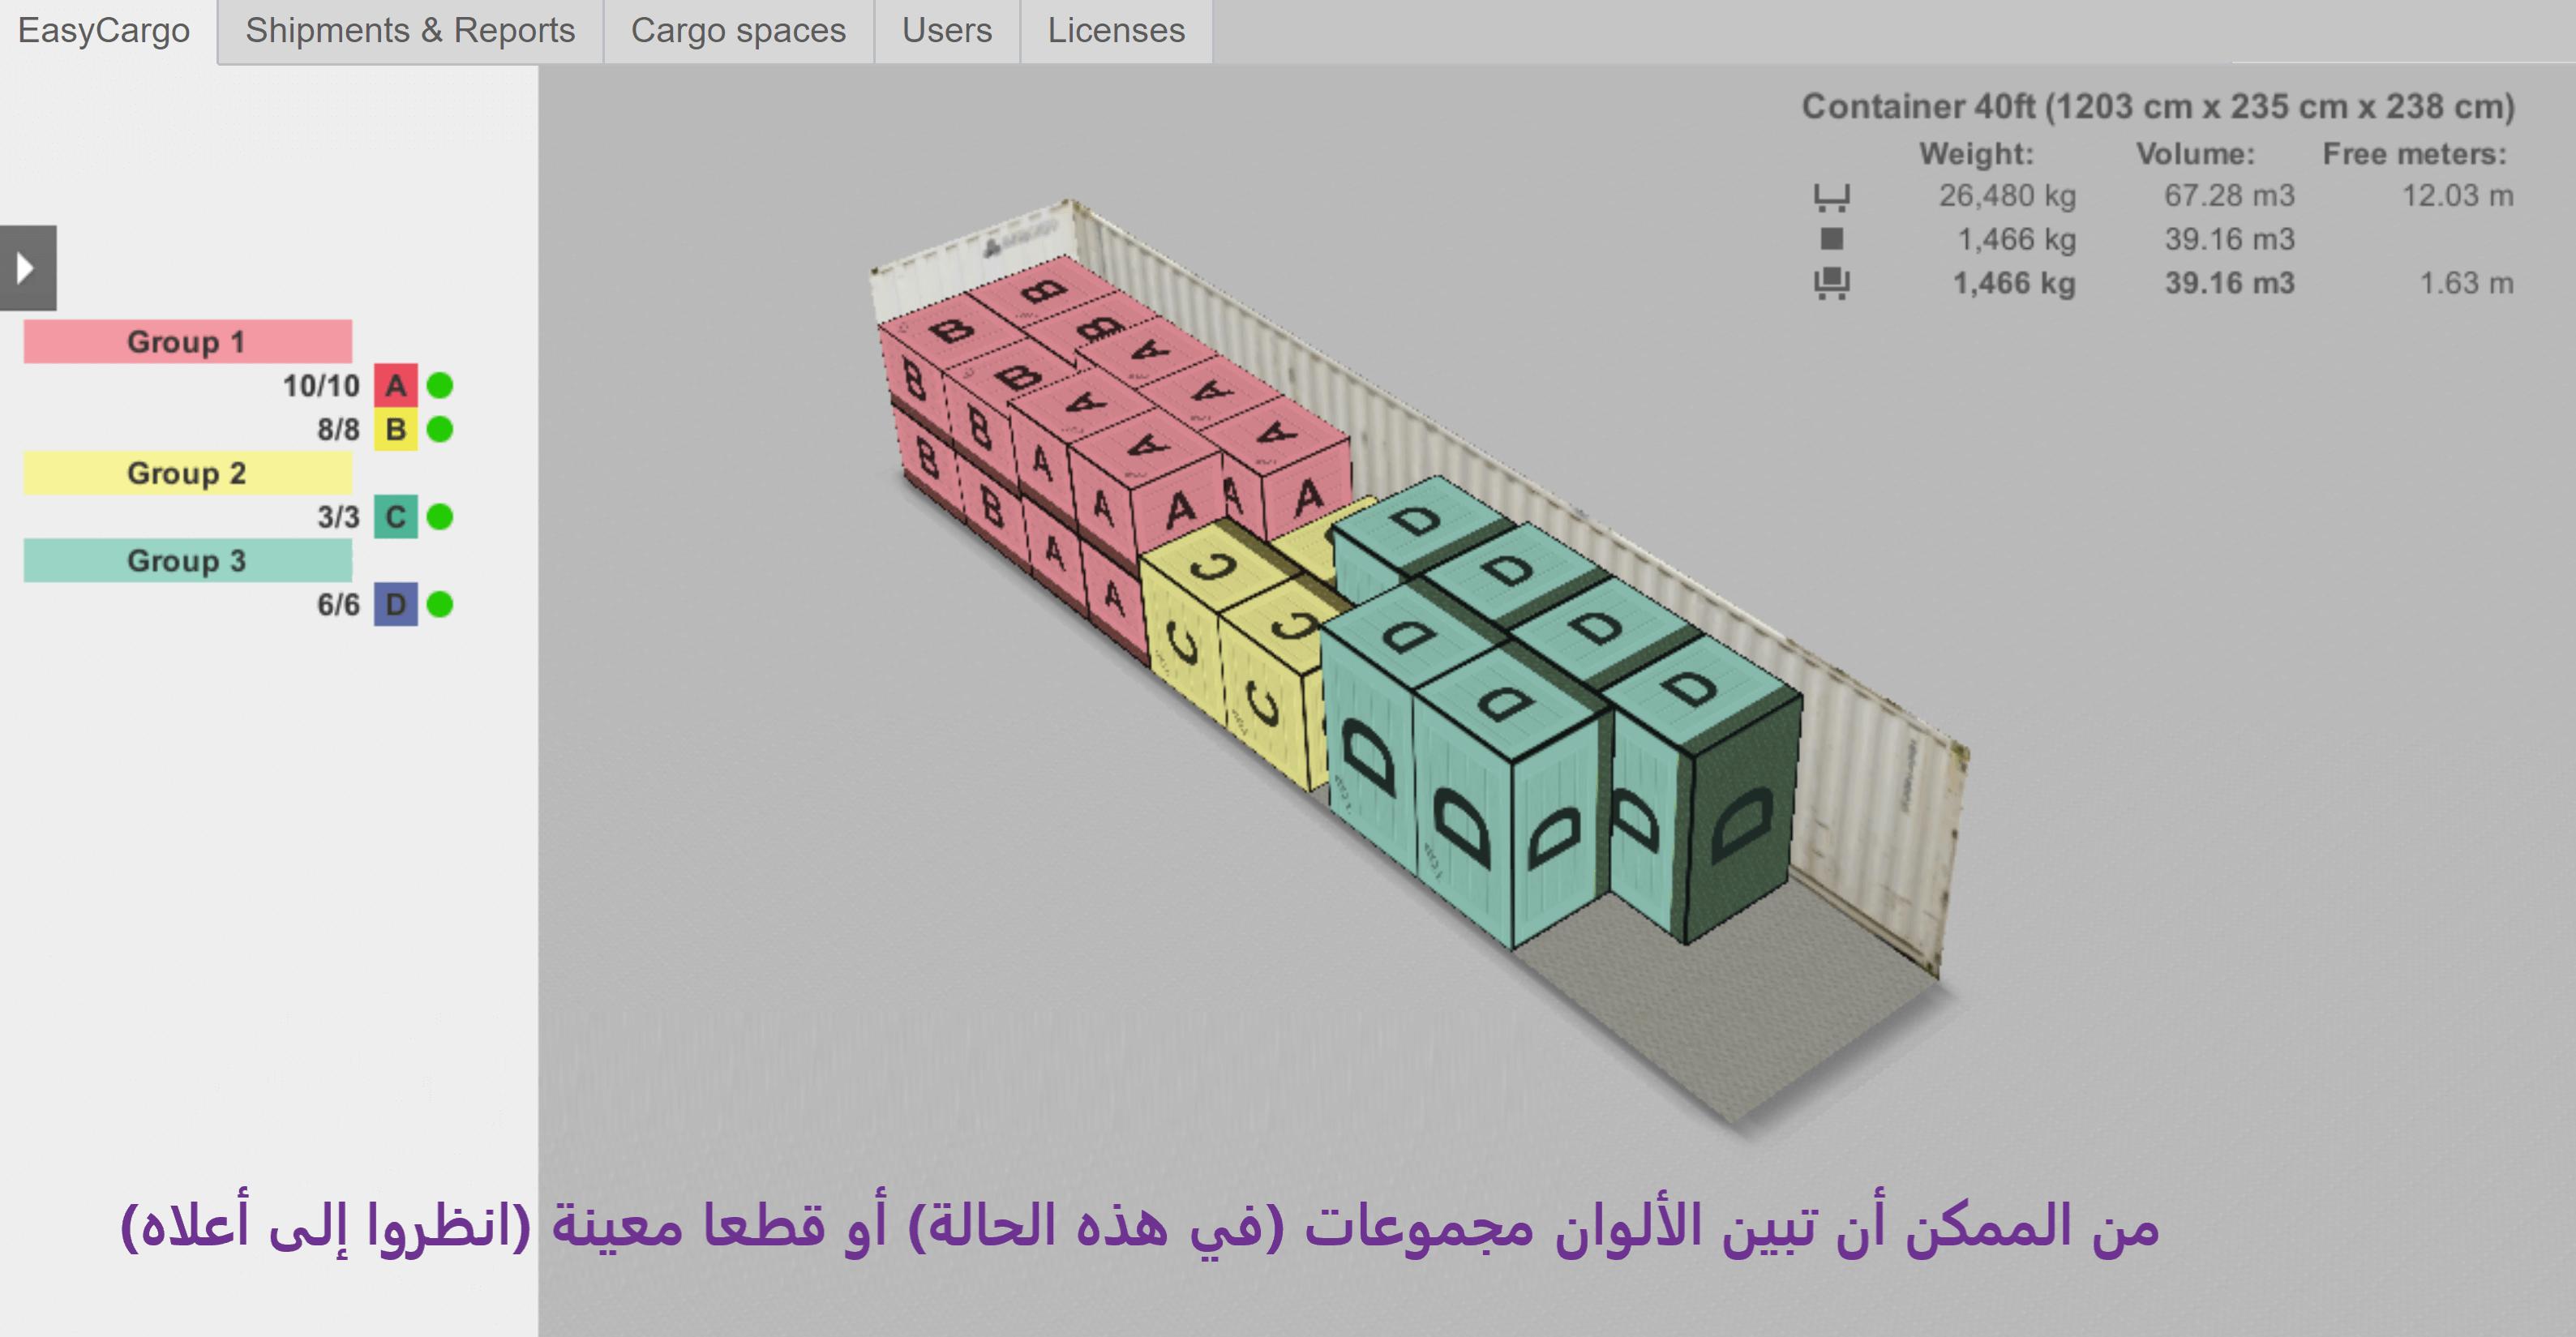 مثل من أمثال مجموعات الأولوية – تبين الألوان مجموعات كاملة